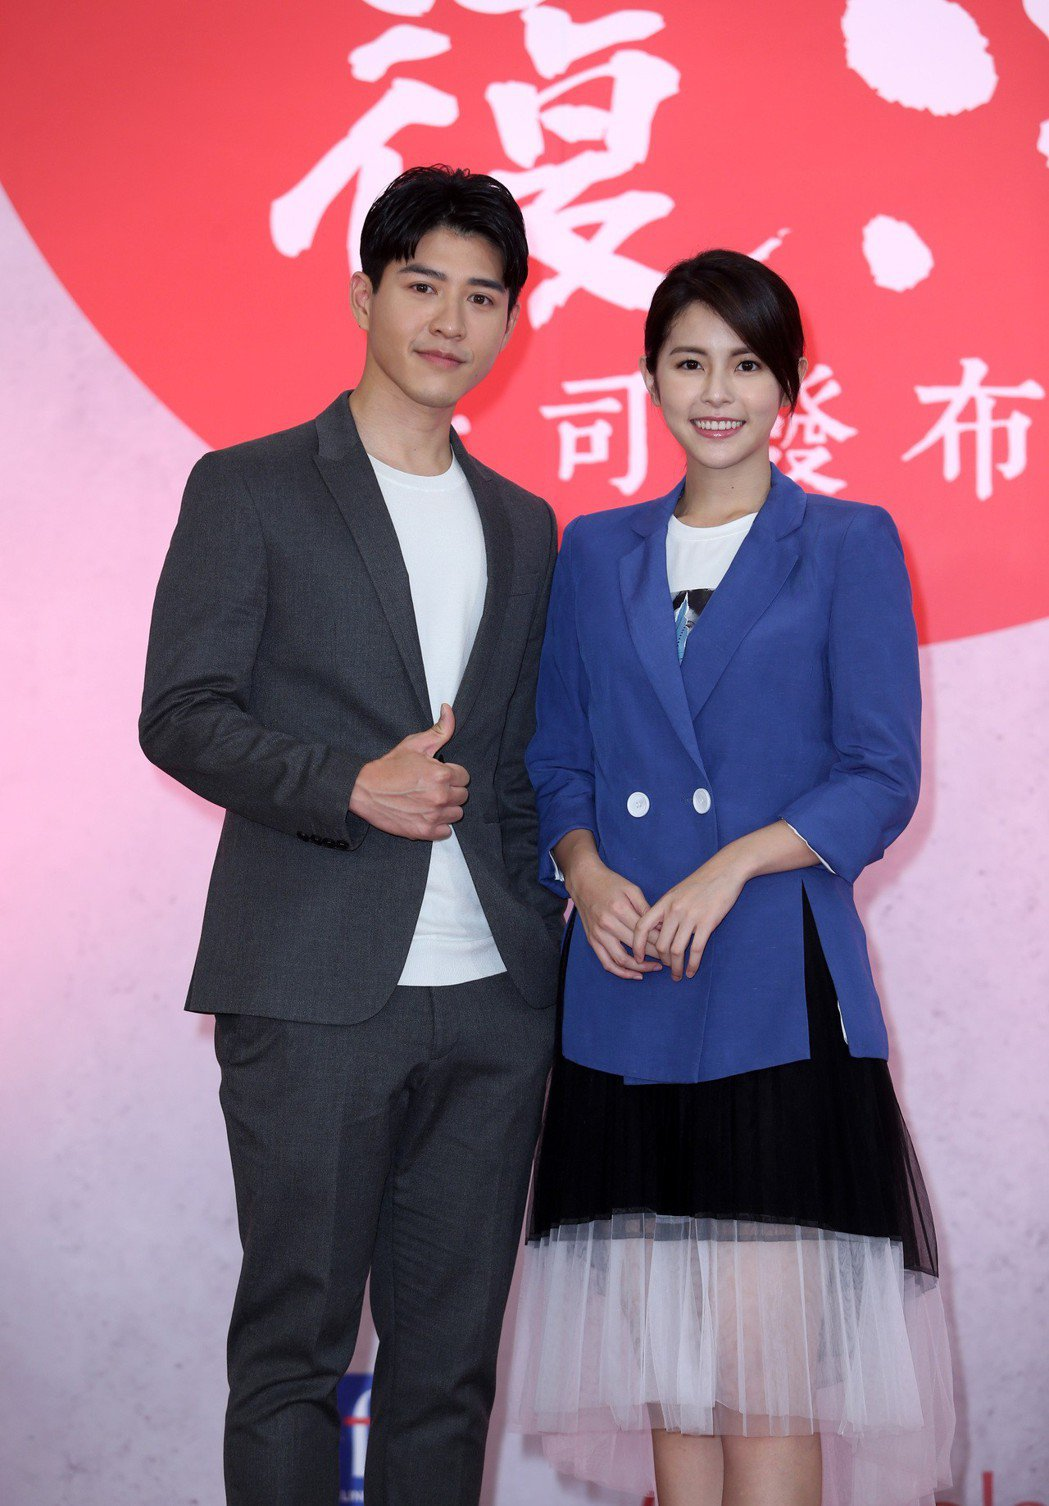 八大電視「覆活」卡司發佈記者會,主要演員任容萱、吳岳擎出席。記者曾吉松/攝影